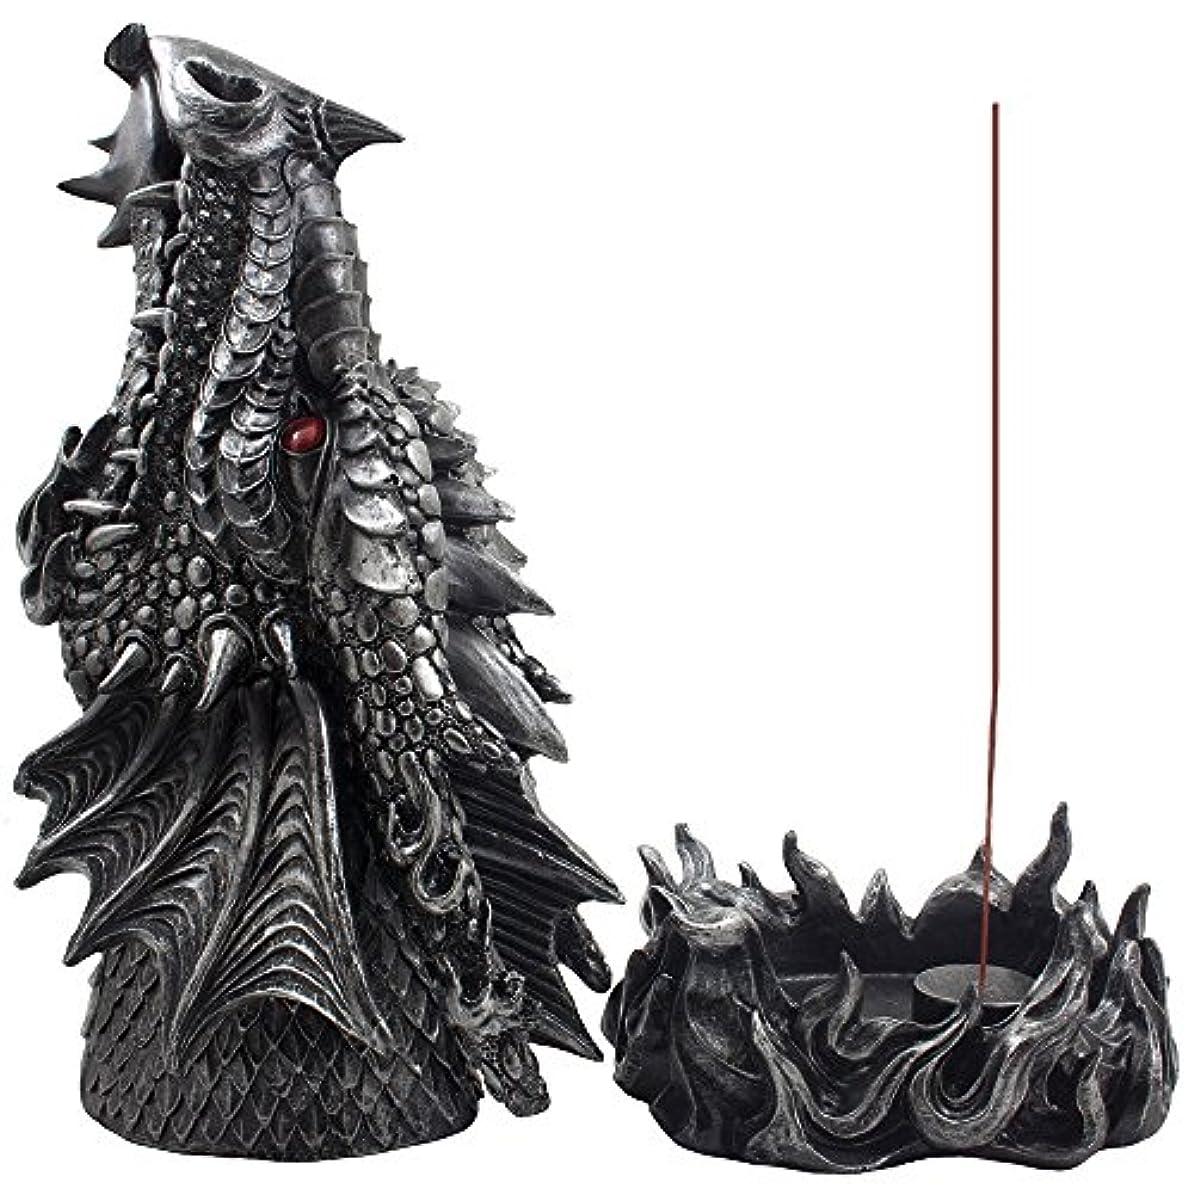 屋内保護する紫のMythical Fire Breathing Dragon Incense Holder & Burner Combo Statue for Sticks or Cones with Decorative Display...